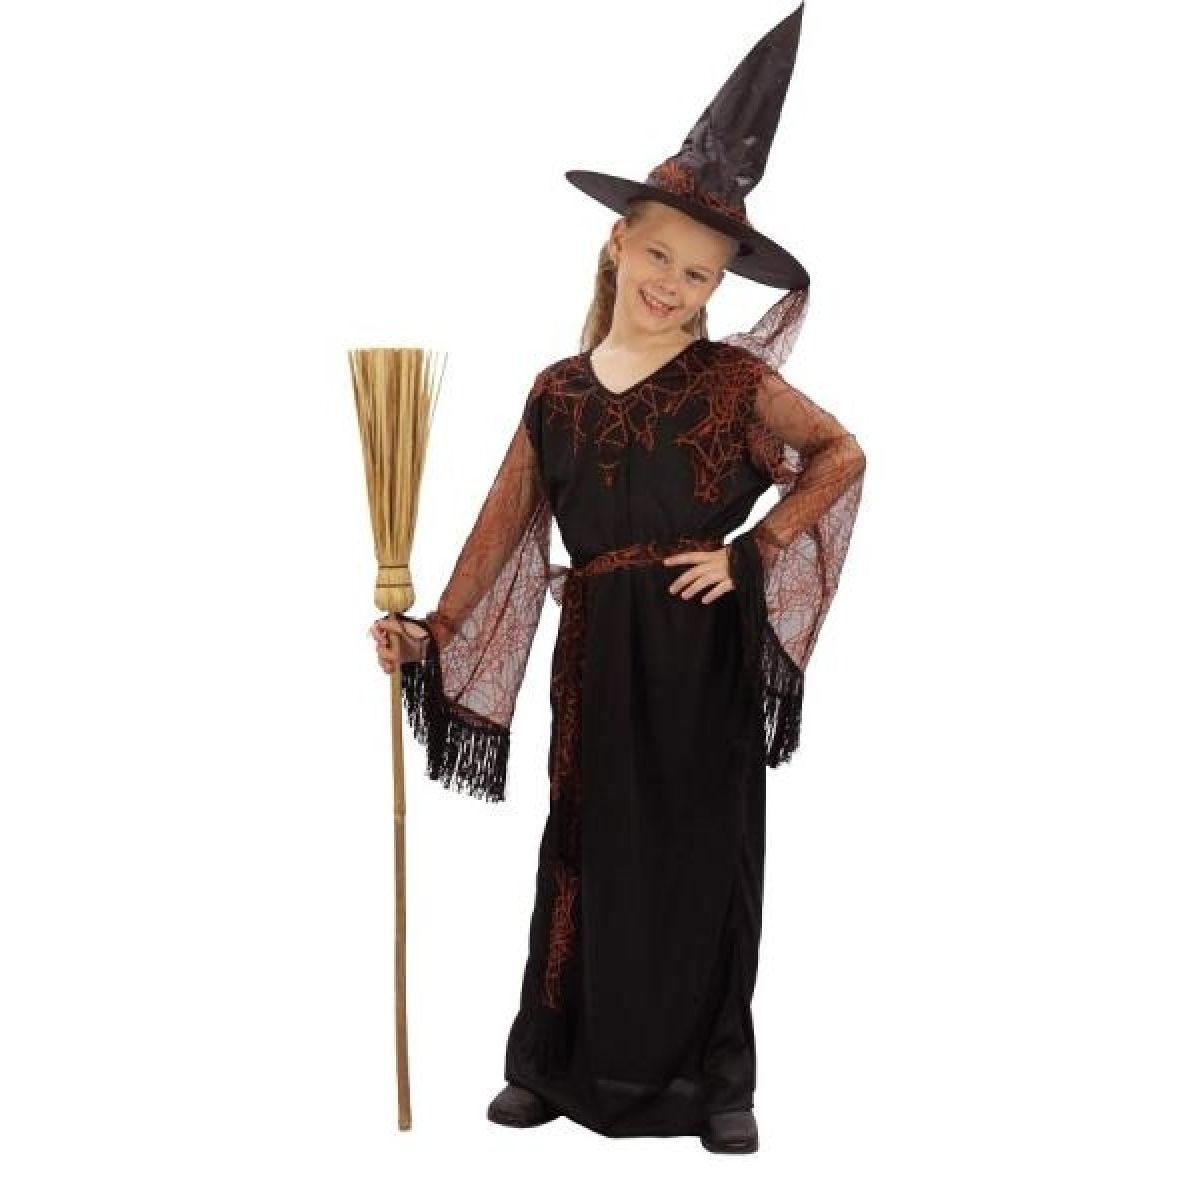 Made Dětský kostým čarodějka 120-130 cm